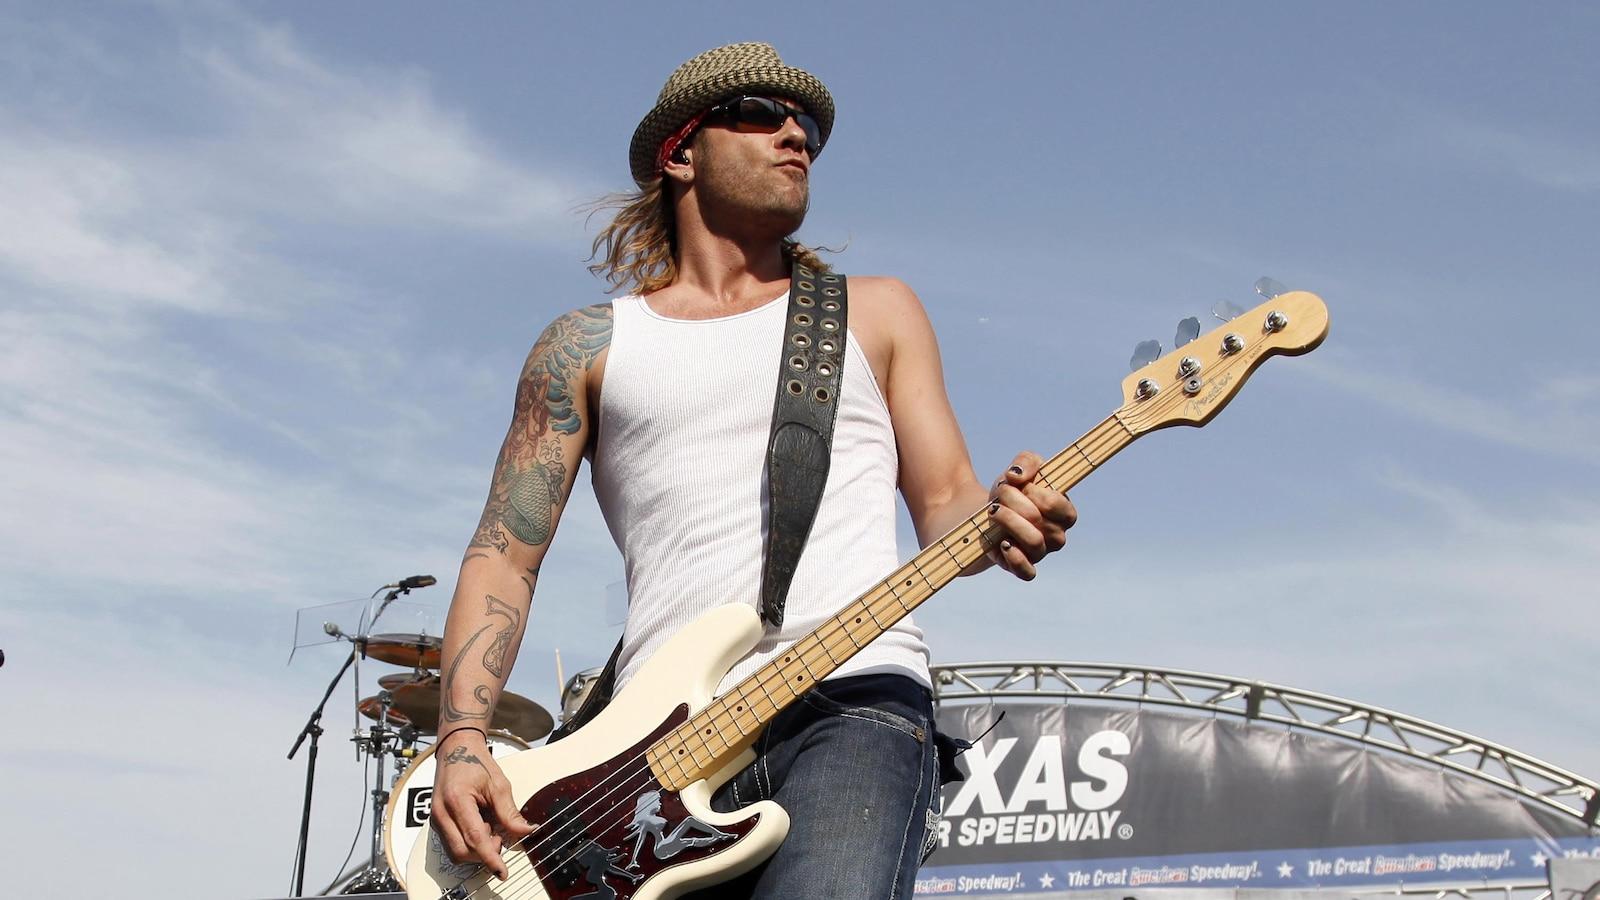 Todd Harrell joue de la guitare basse sur une scène extérieure.